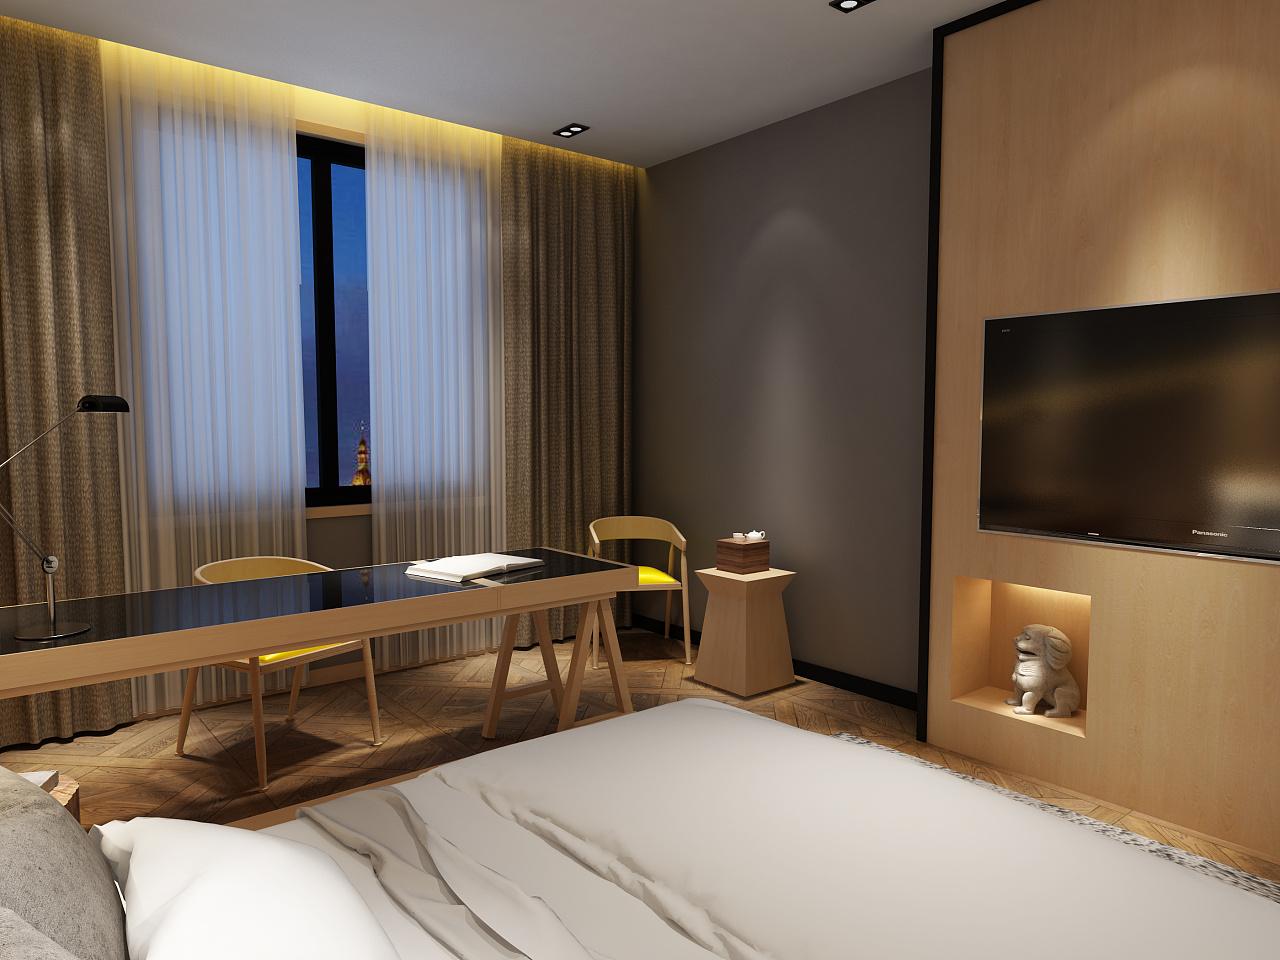 宾馆用的床单被罩多少钱 怎么选择床单被罩